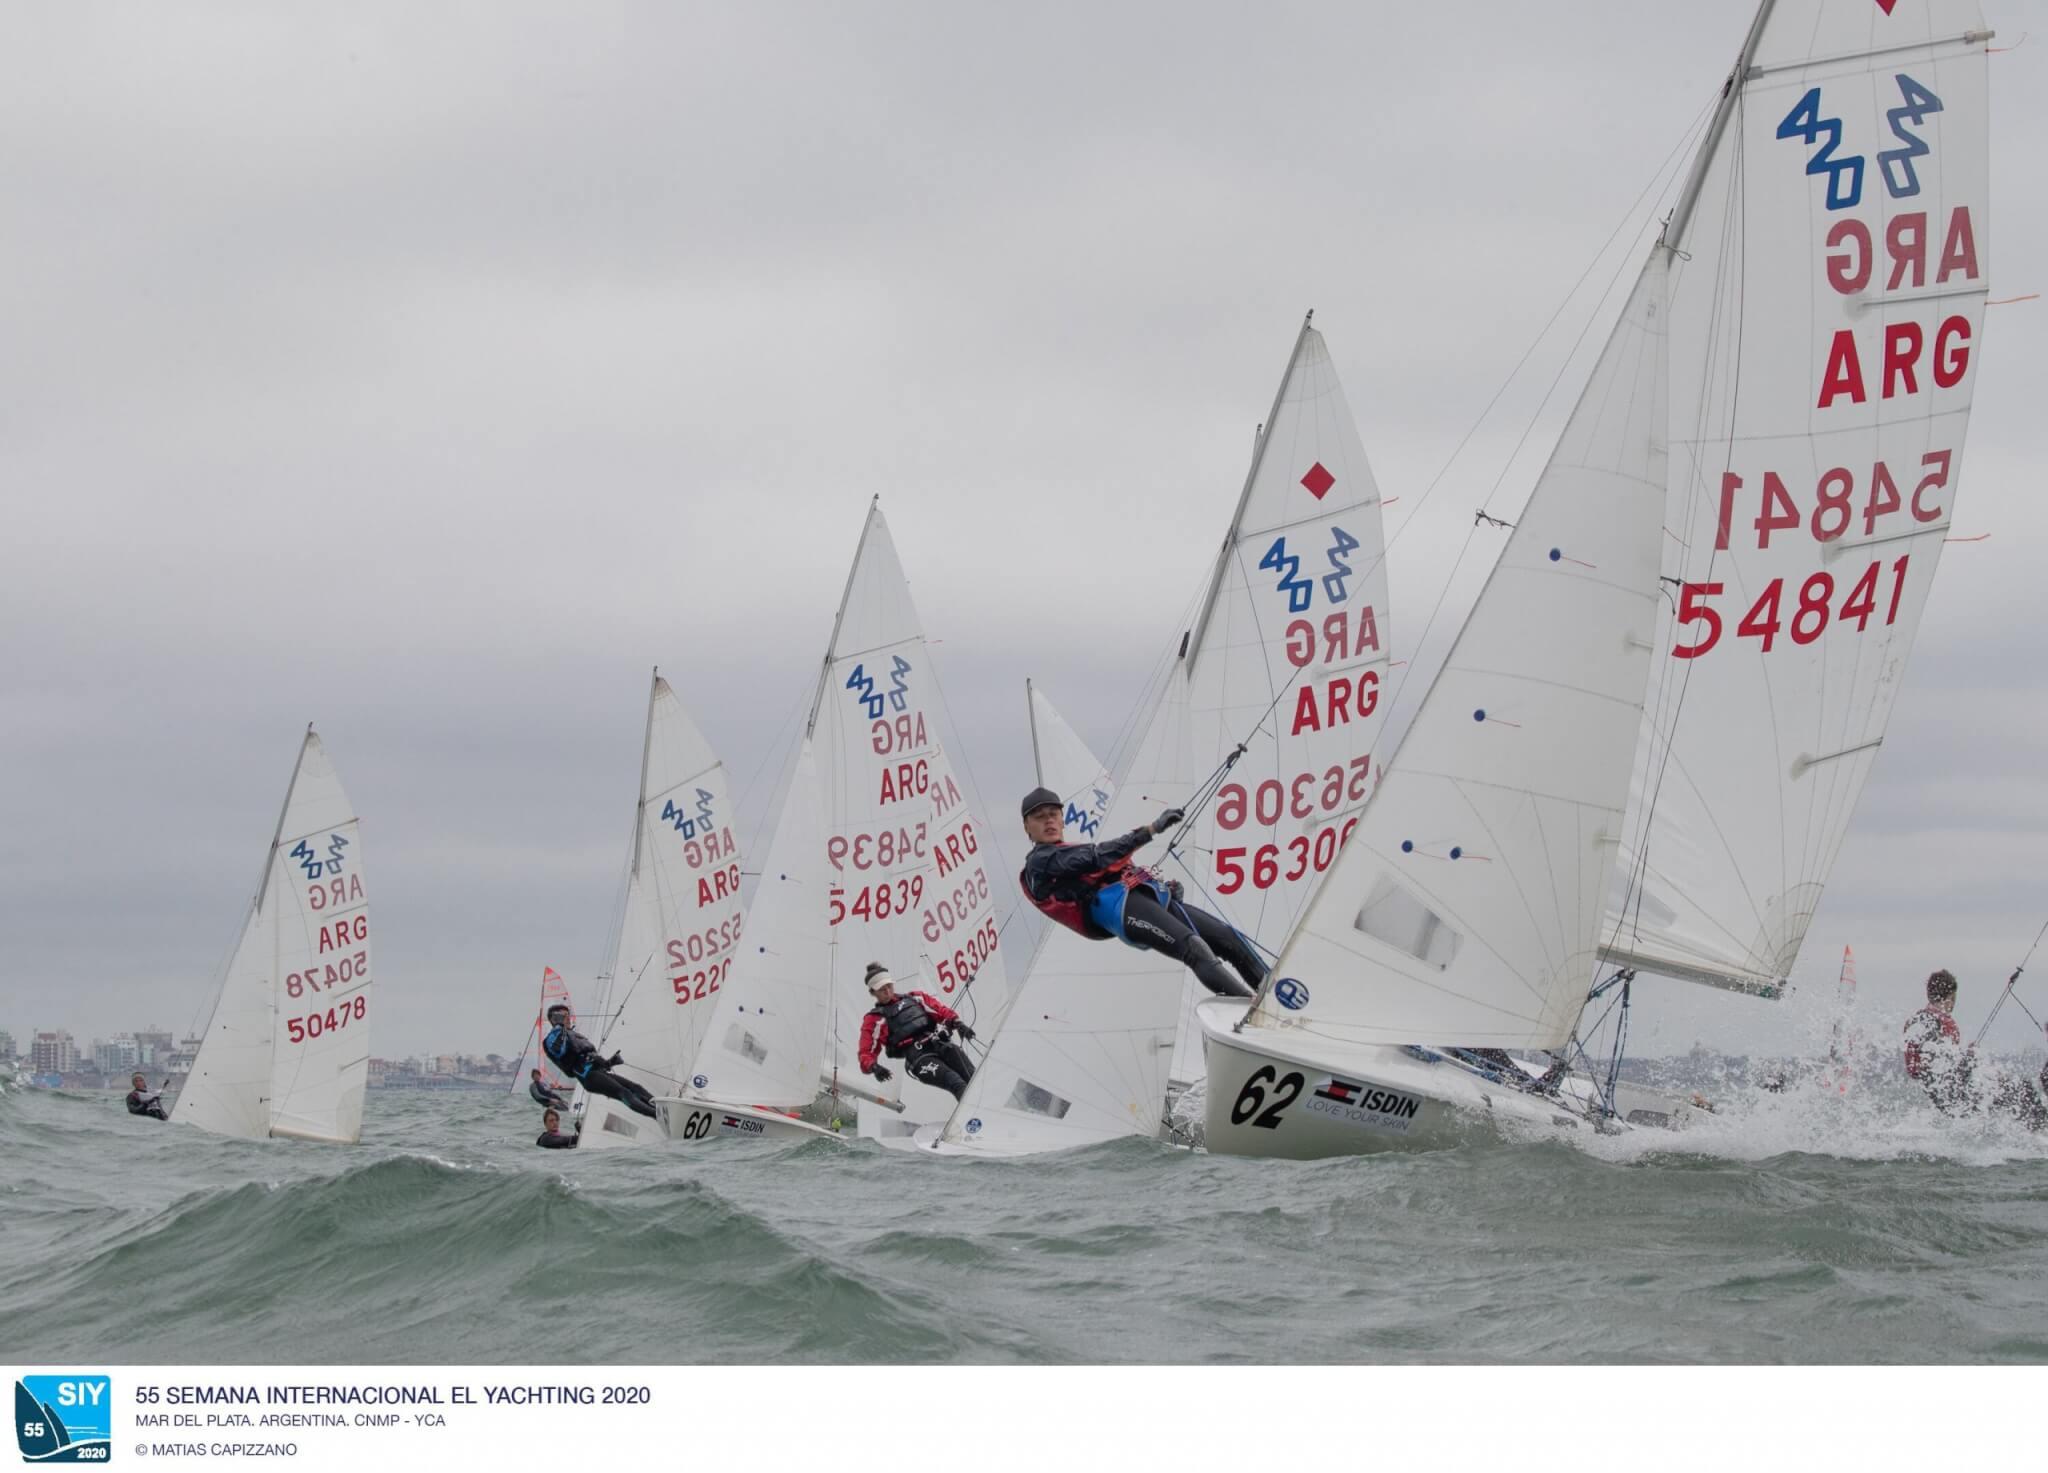 Clase 420 - Semana Internacional de Yachting 2020 - Mar del Plata